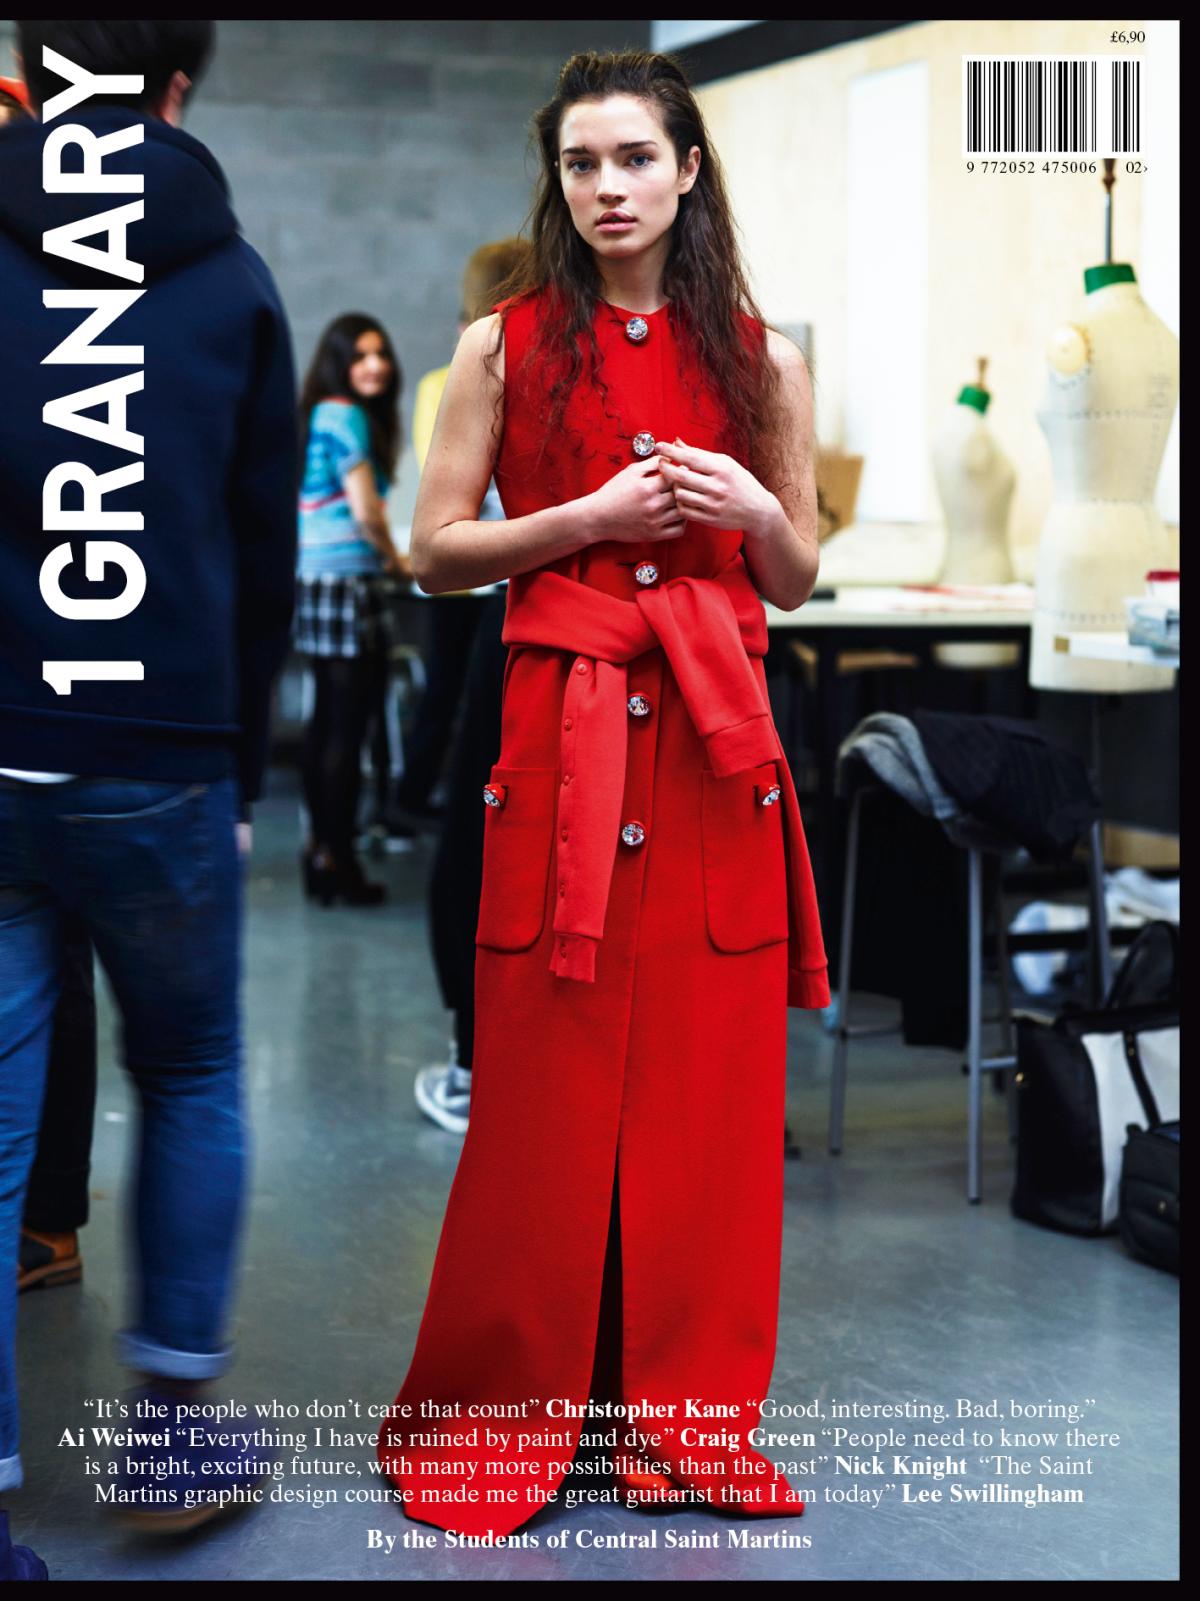 1 Granary, Issue 2, September 2014